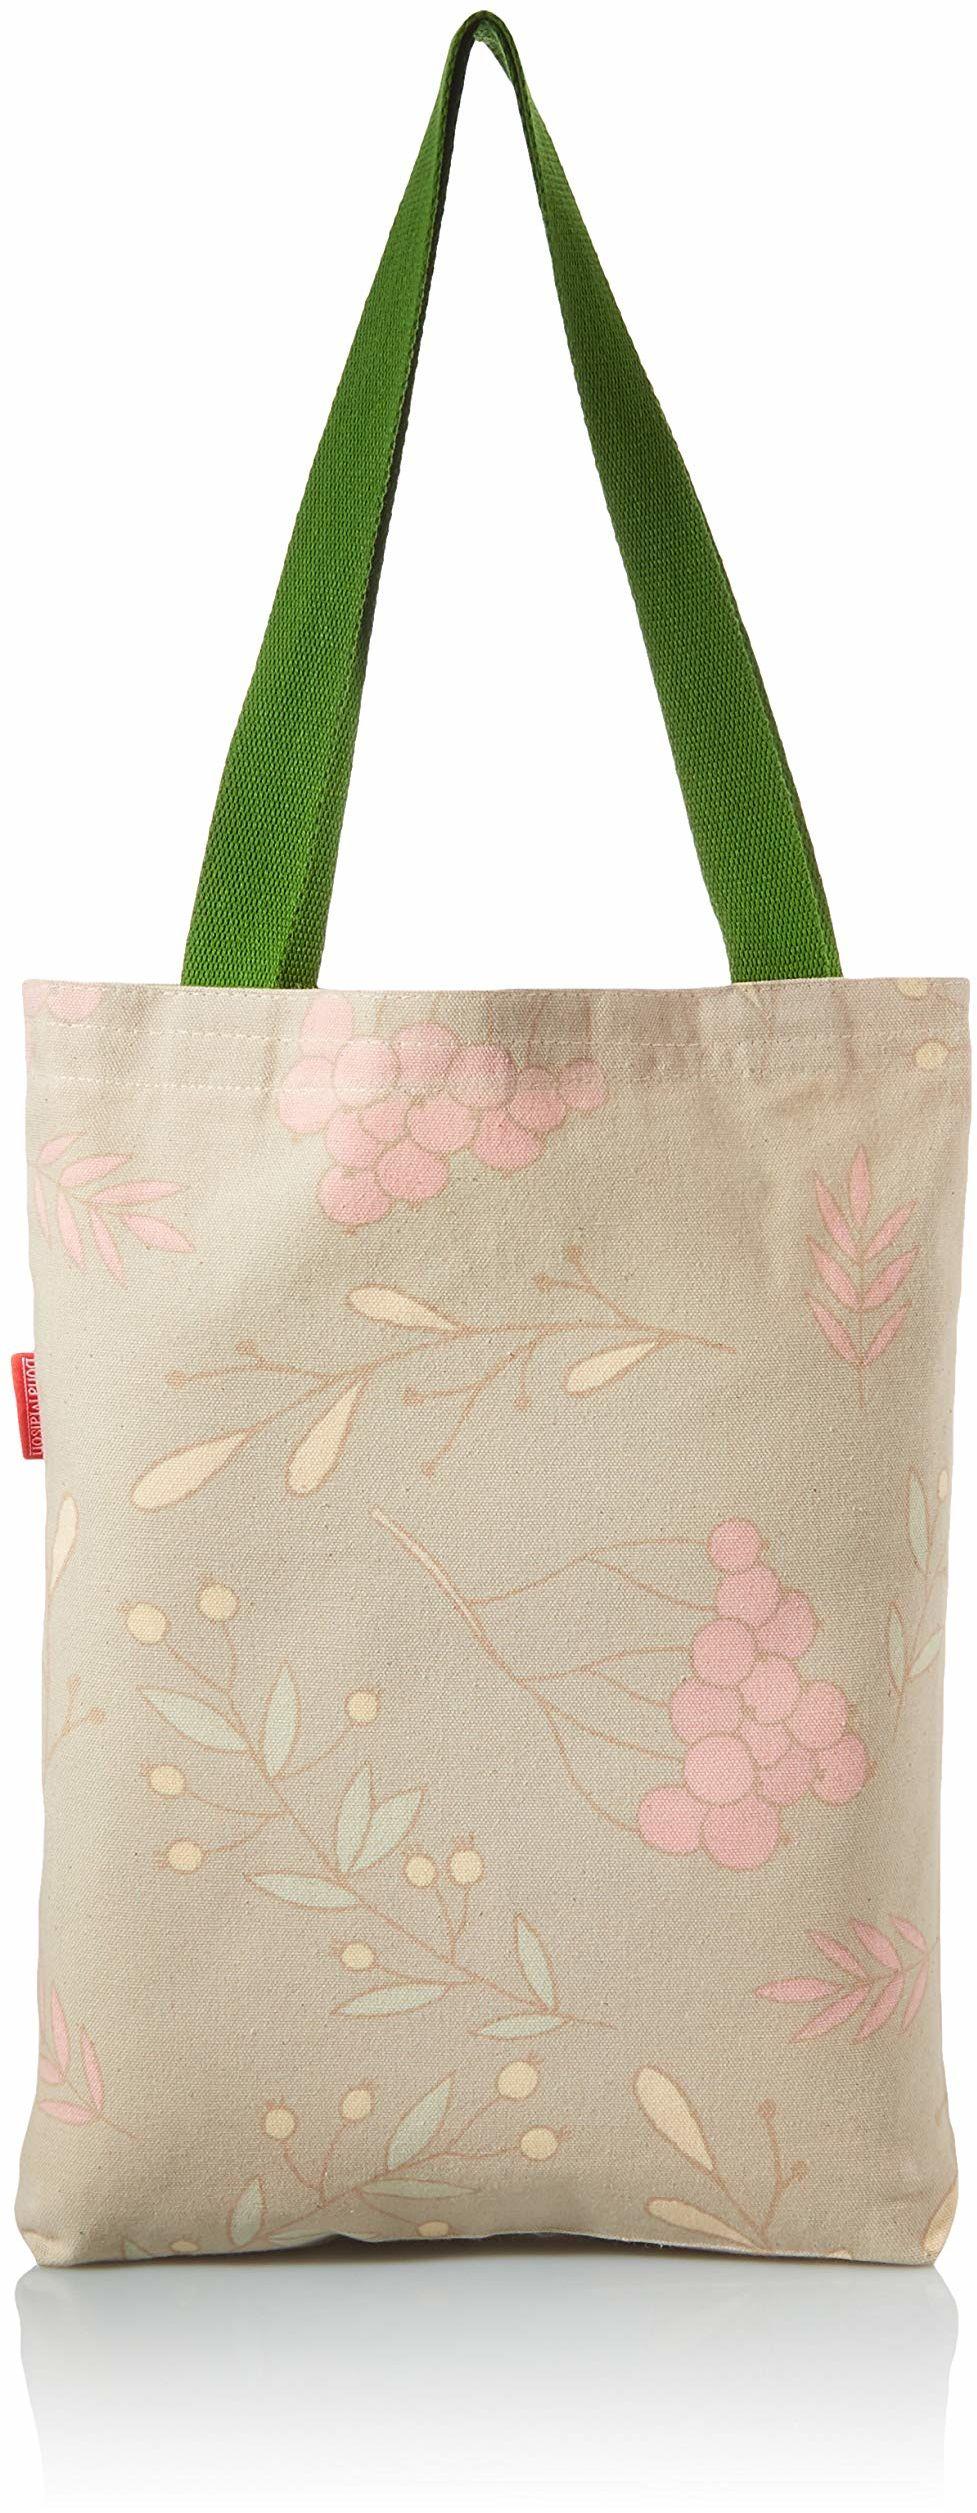 Bonamaison Drukowana torba na zakupy, torba na zakupy wielokrotnego użytku, torba na zakupy, można prać w pralce, składana, płócienna torba z zielonymi uchwytami, rozmiar: 34 x 40 cm